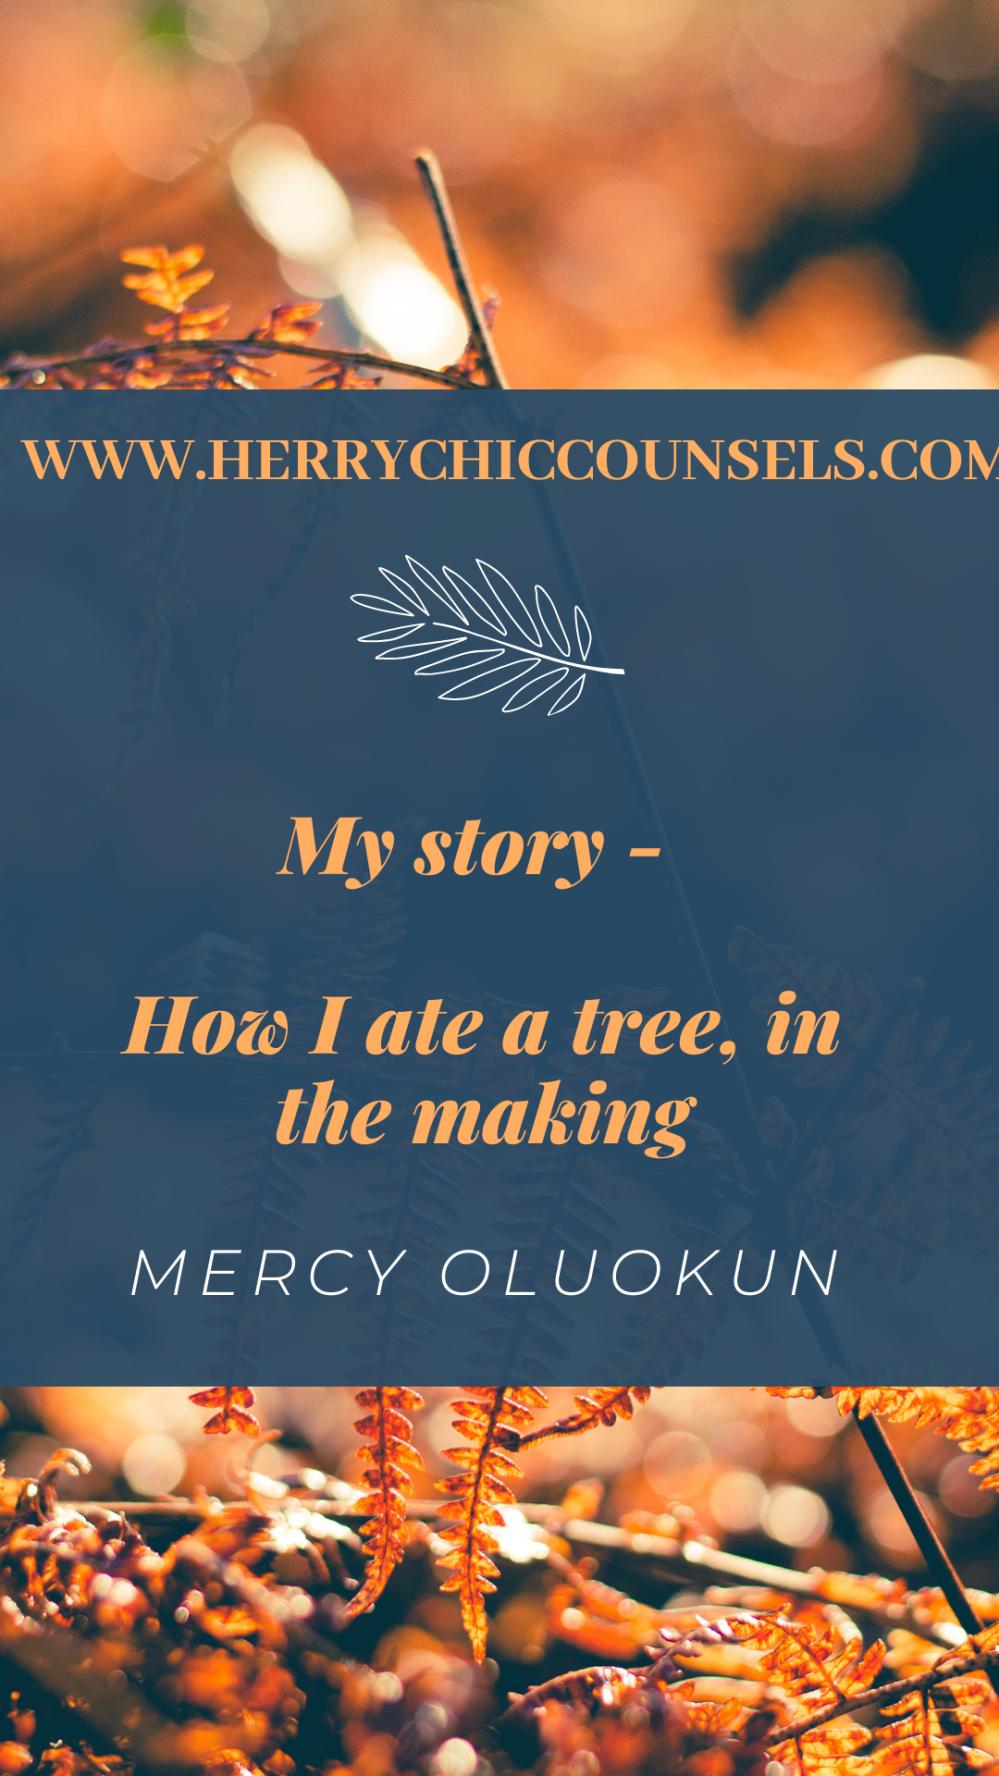 How I ate a tree - Story time